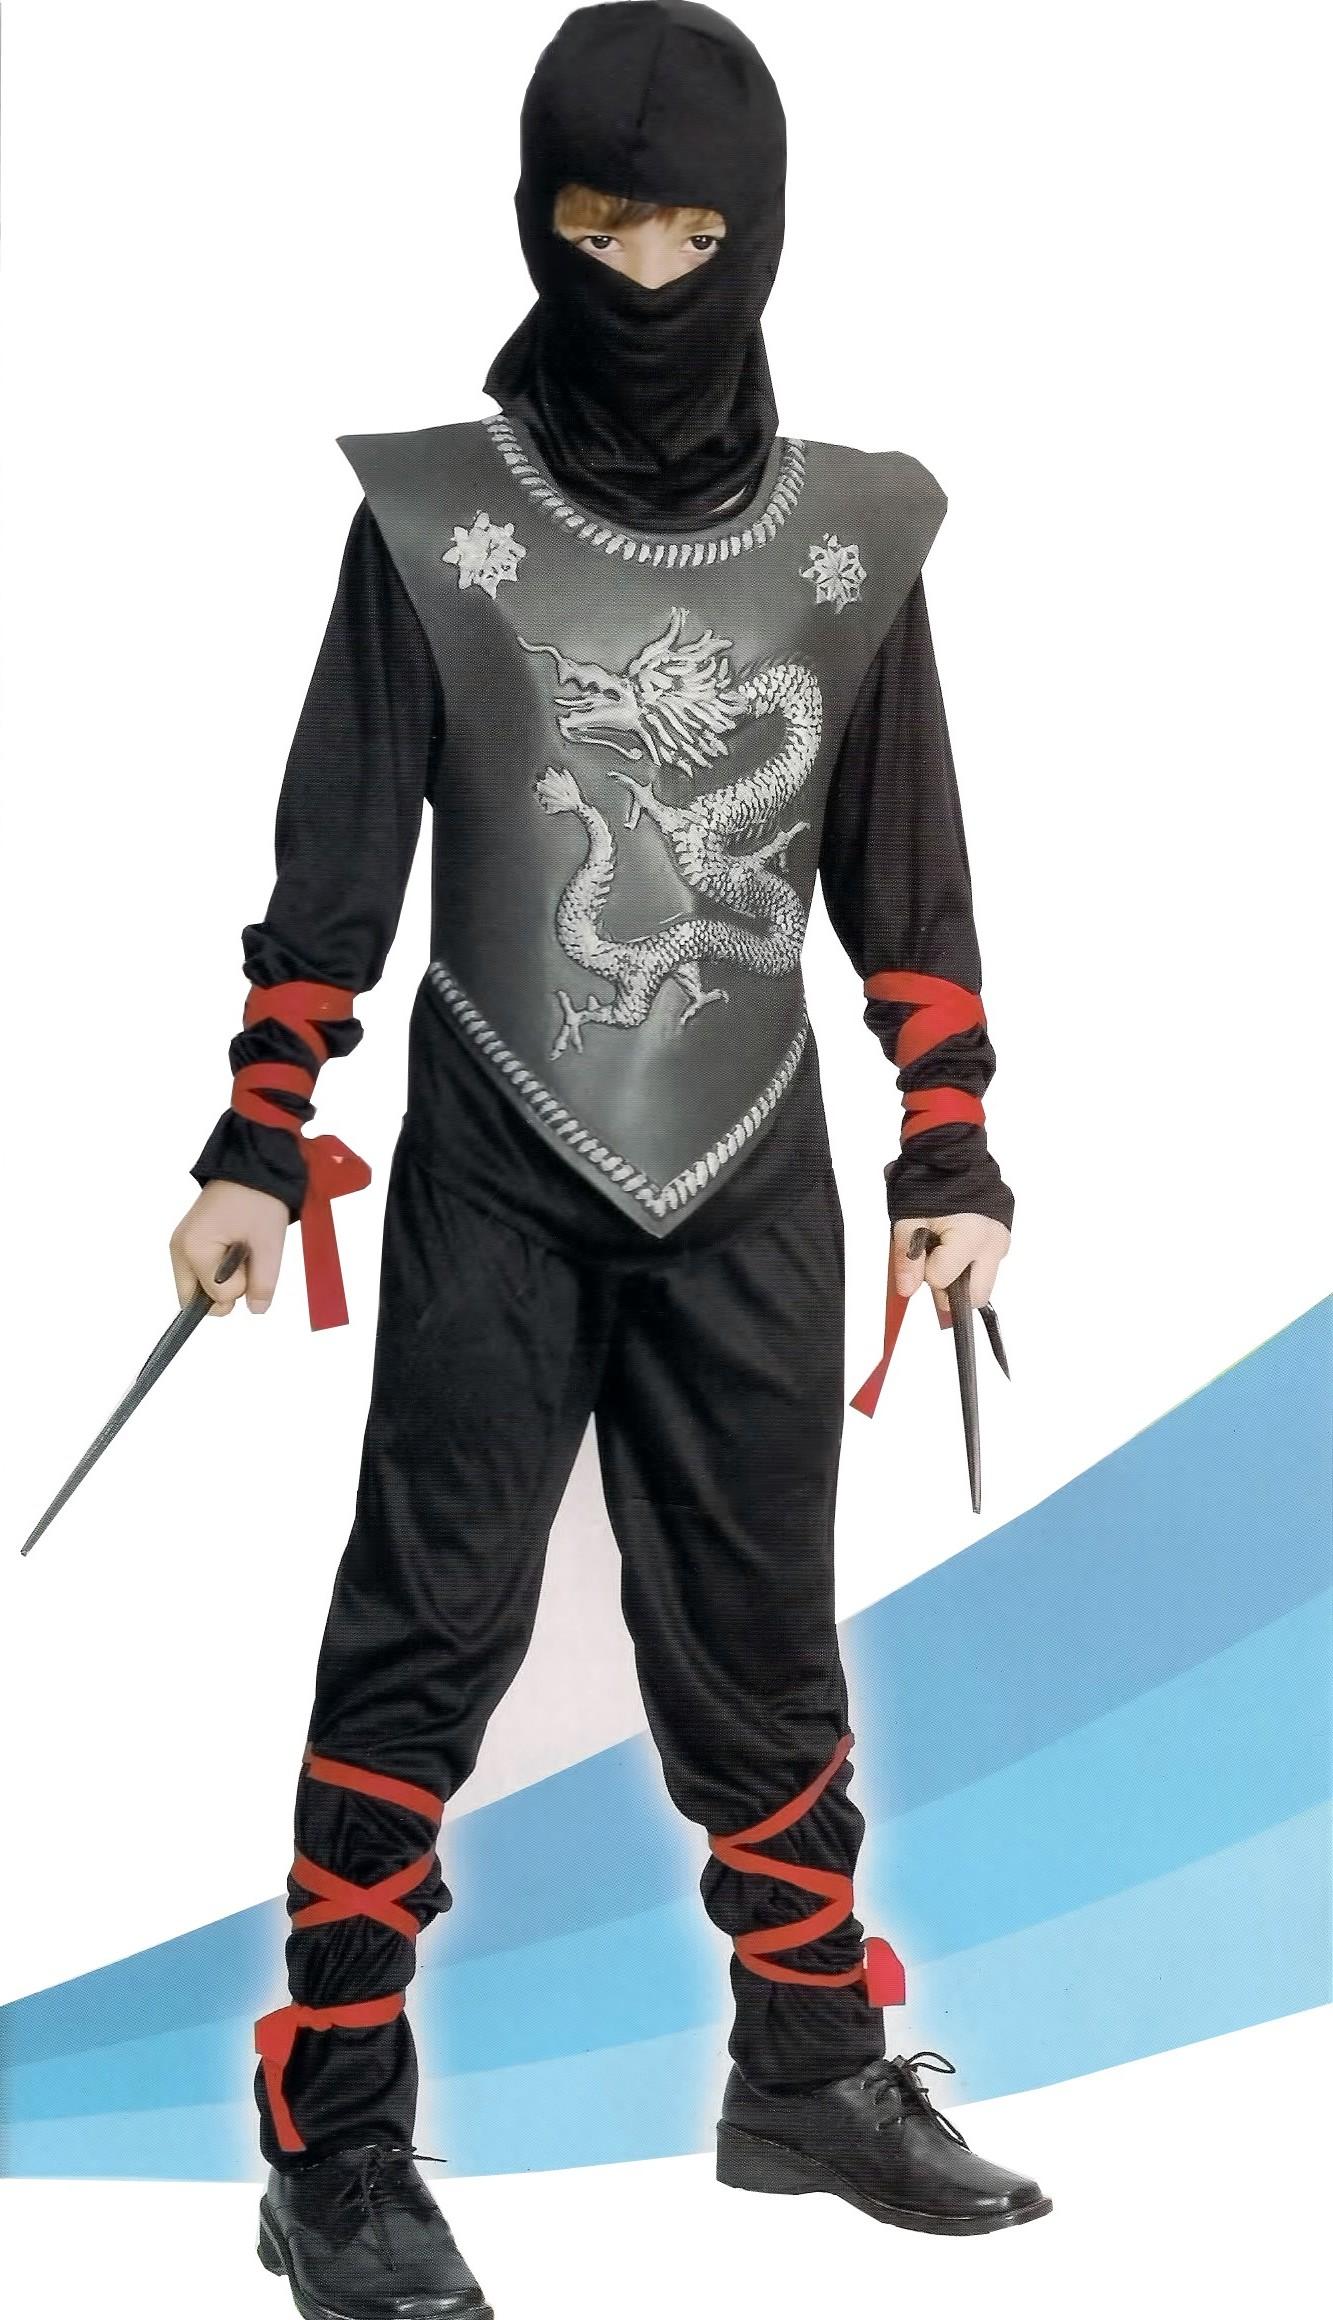 Картинки костюмов черепашки ниндзя на 6 лет